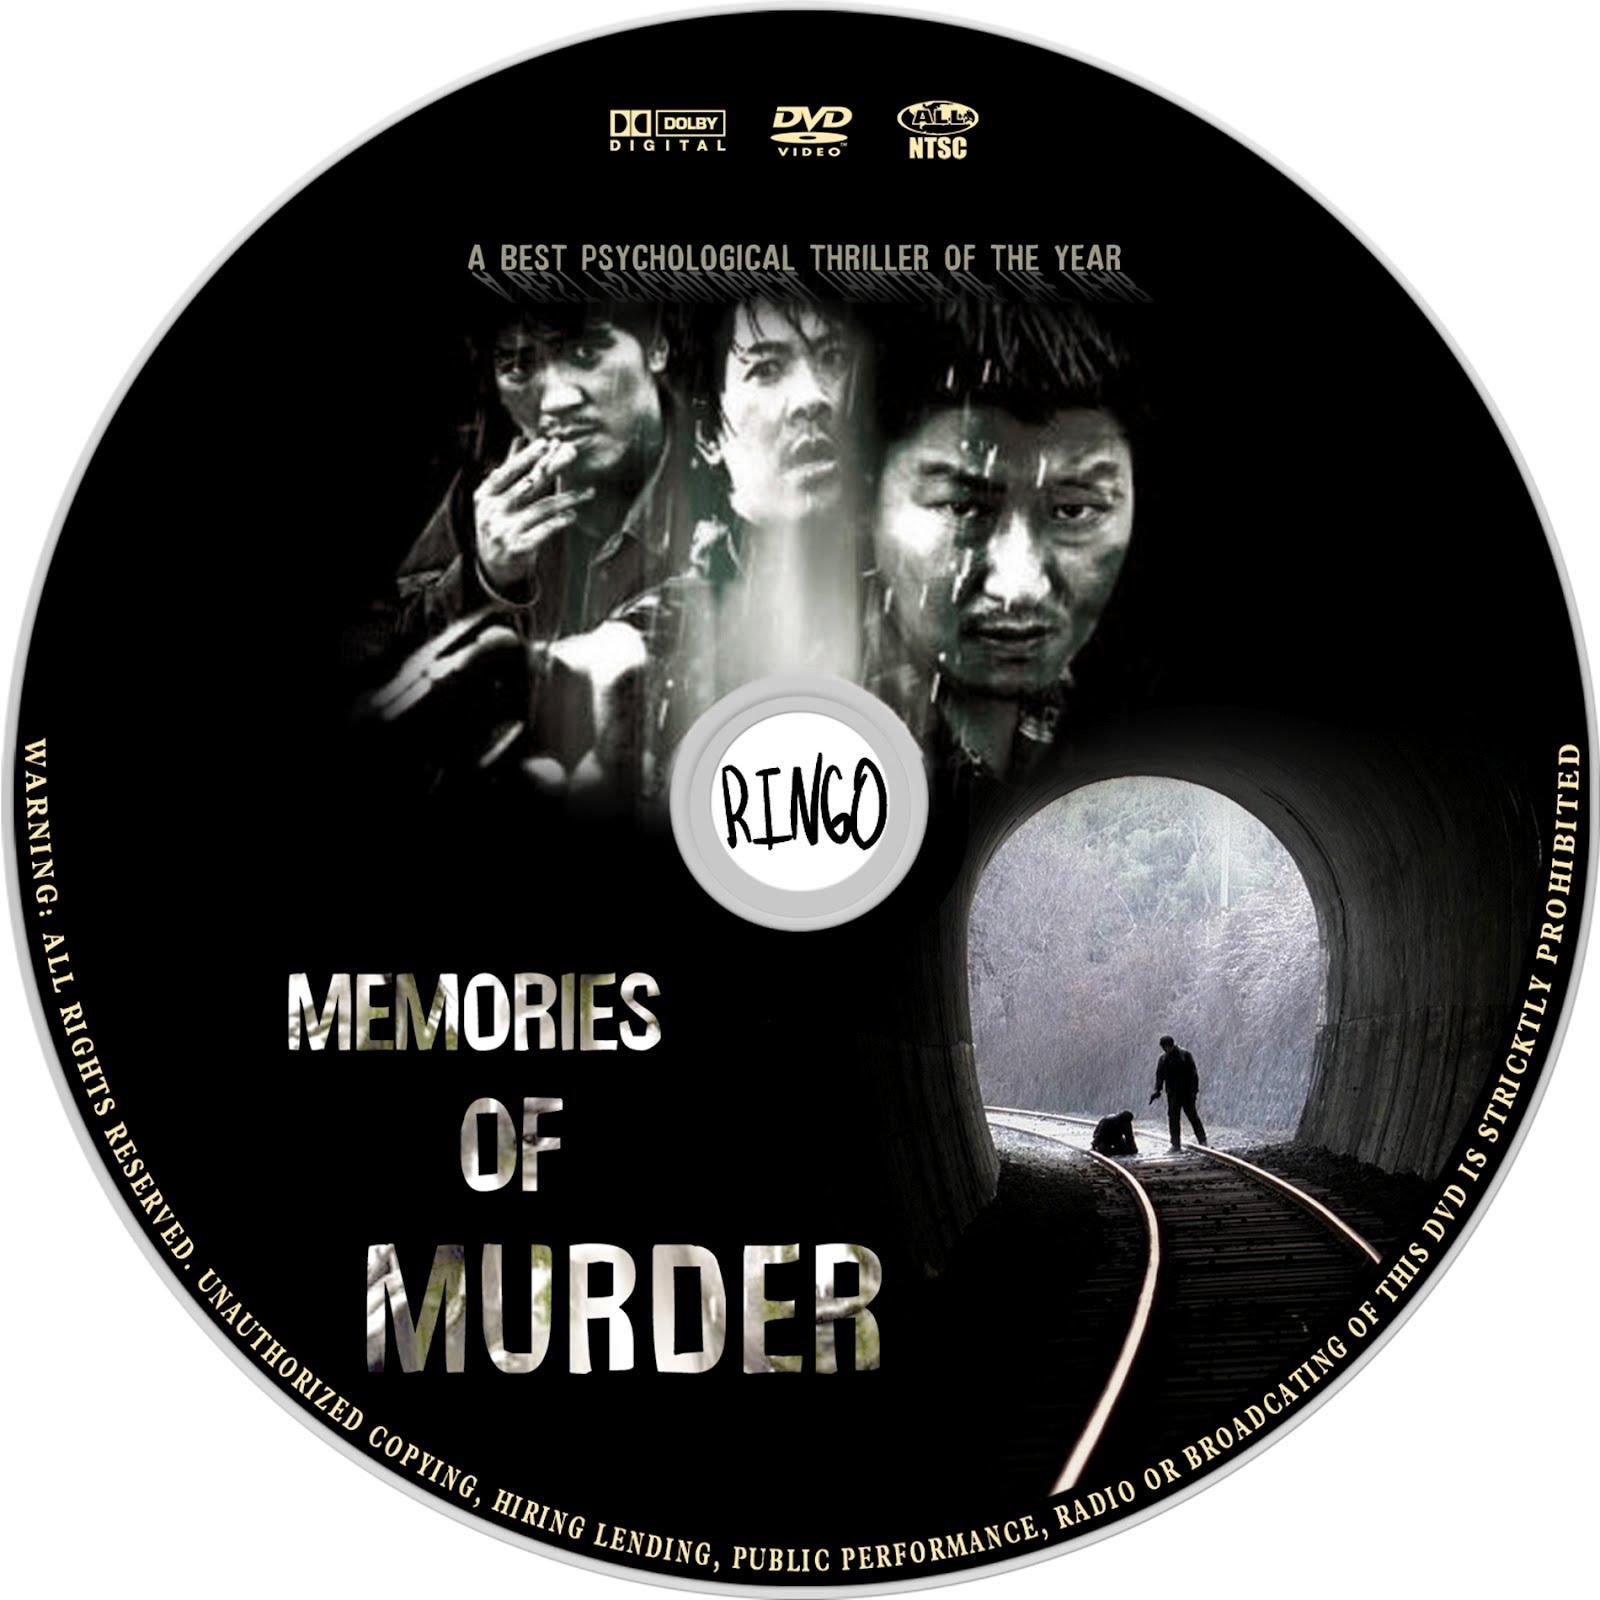 memories-of-murder-salinui-chueok-dvd-label-art